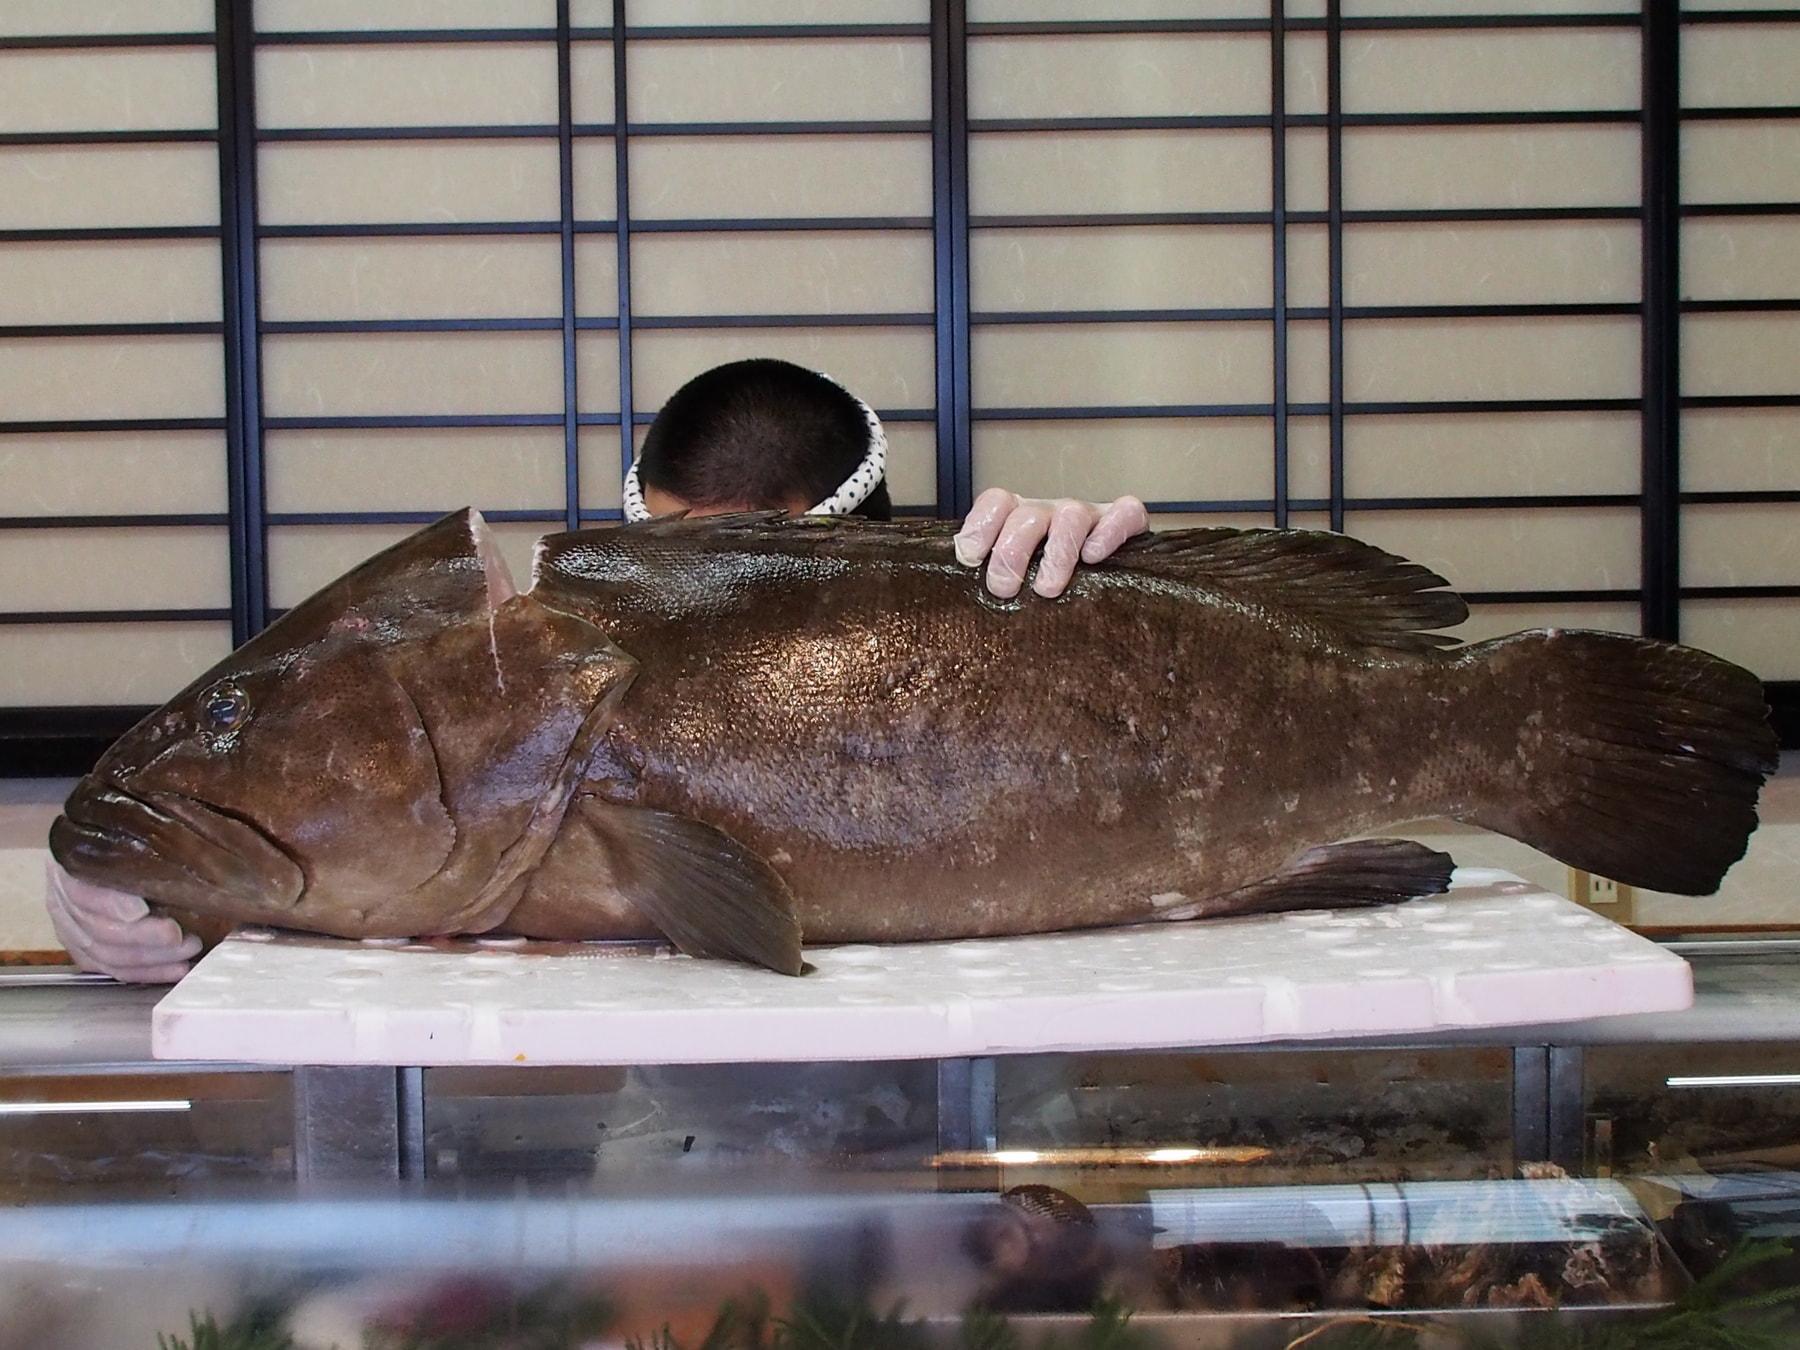 九州玄海灘産の天然 クエ 25㌔♬これから九州場所でクエの時期がやってきましたね♬身の締りも脂のノリもバッチリです!来年はクエのコースイベントを考えていますが・・・。まだ、未定です。是非一度、鍋の王様を体験してみていただきたいです♬